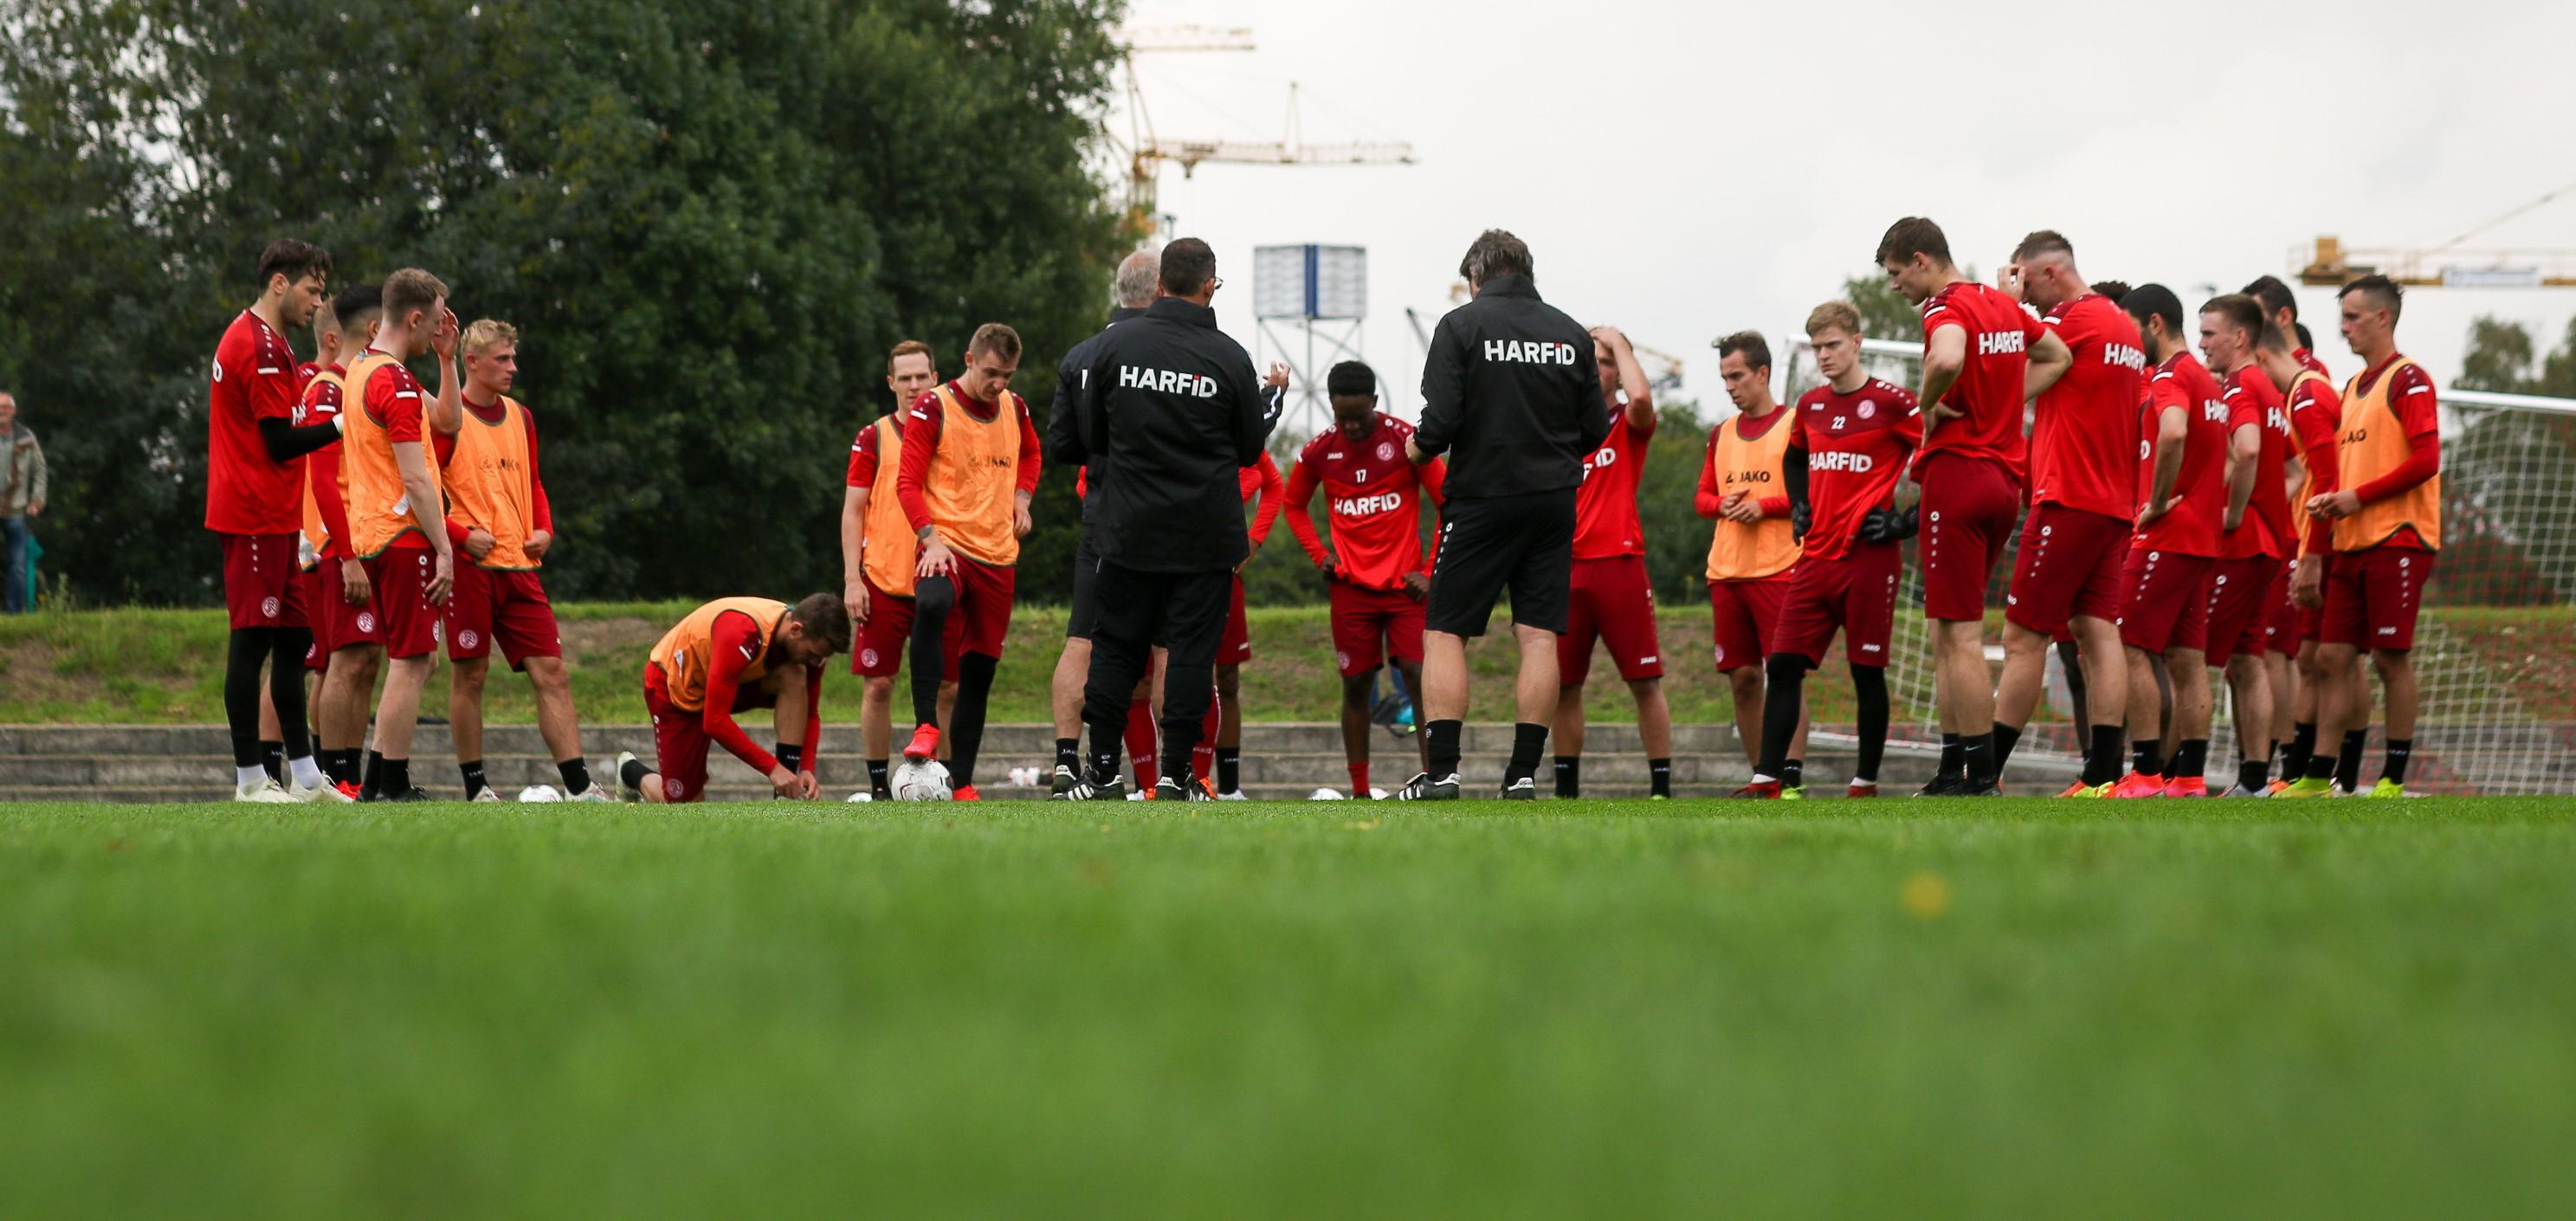 Am 8. August empfängt Rot-Weiss Essen TuS Ennepetal zum Testspiel. (Foto: Endberg)